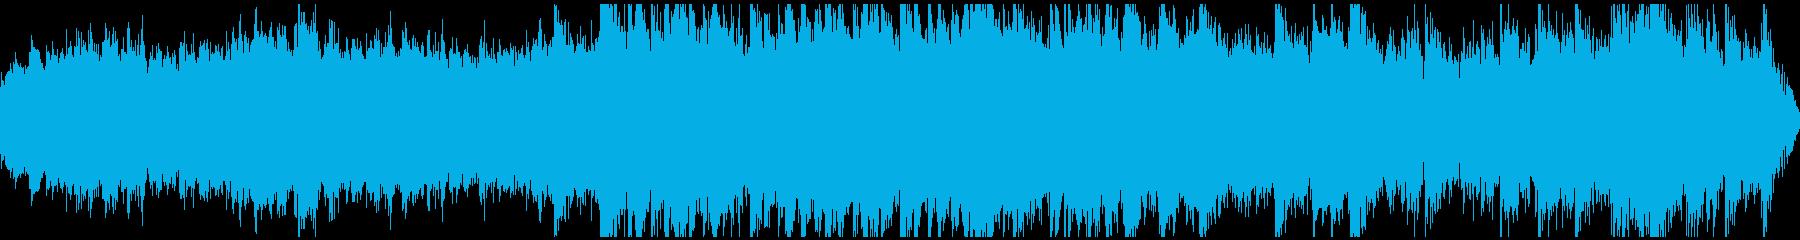 神秘的なダンジョンBGM(ループ)の再生済みの波形